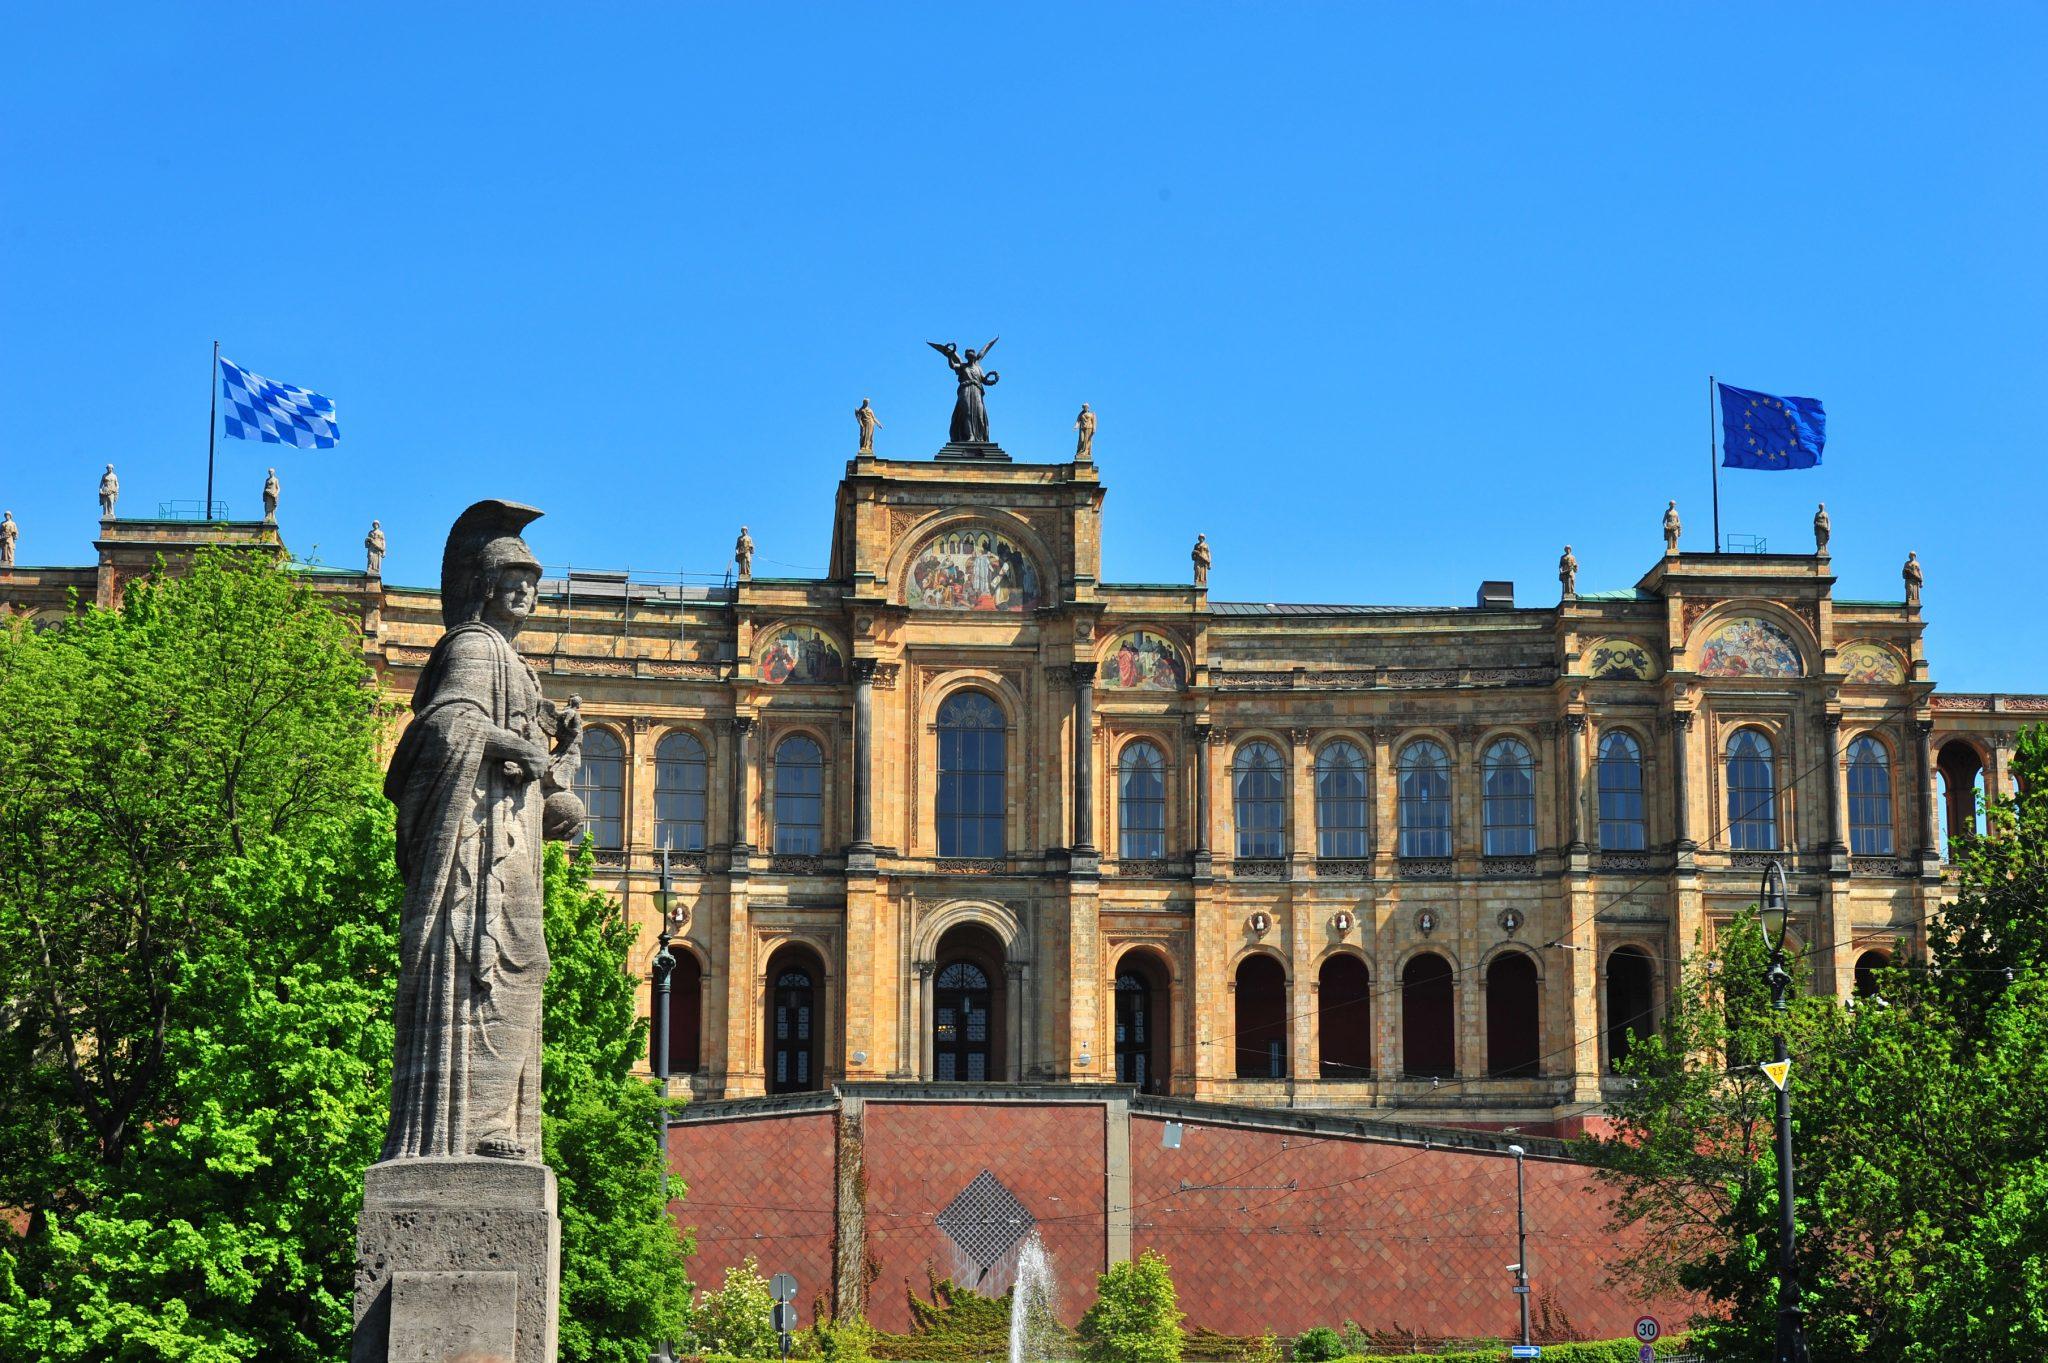 Das Maximilianeum, Sitz des Bayerischen Landtags.